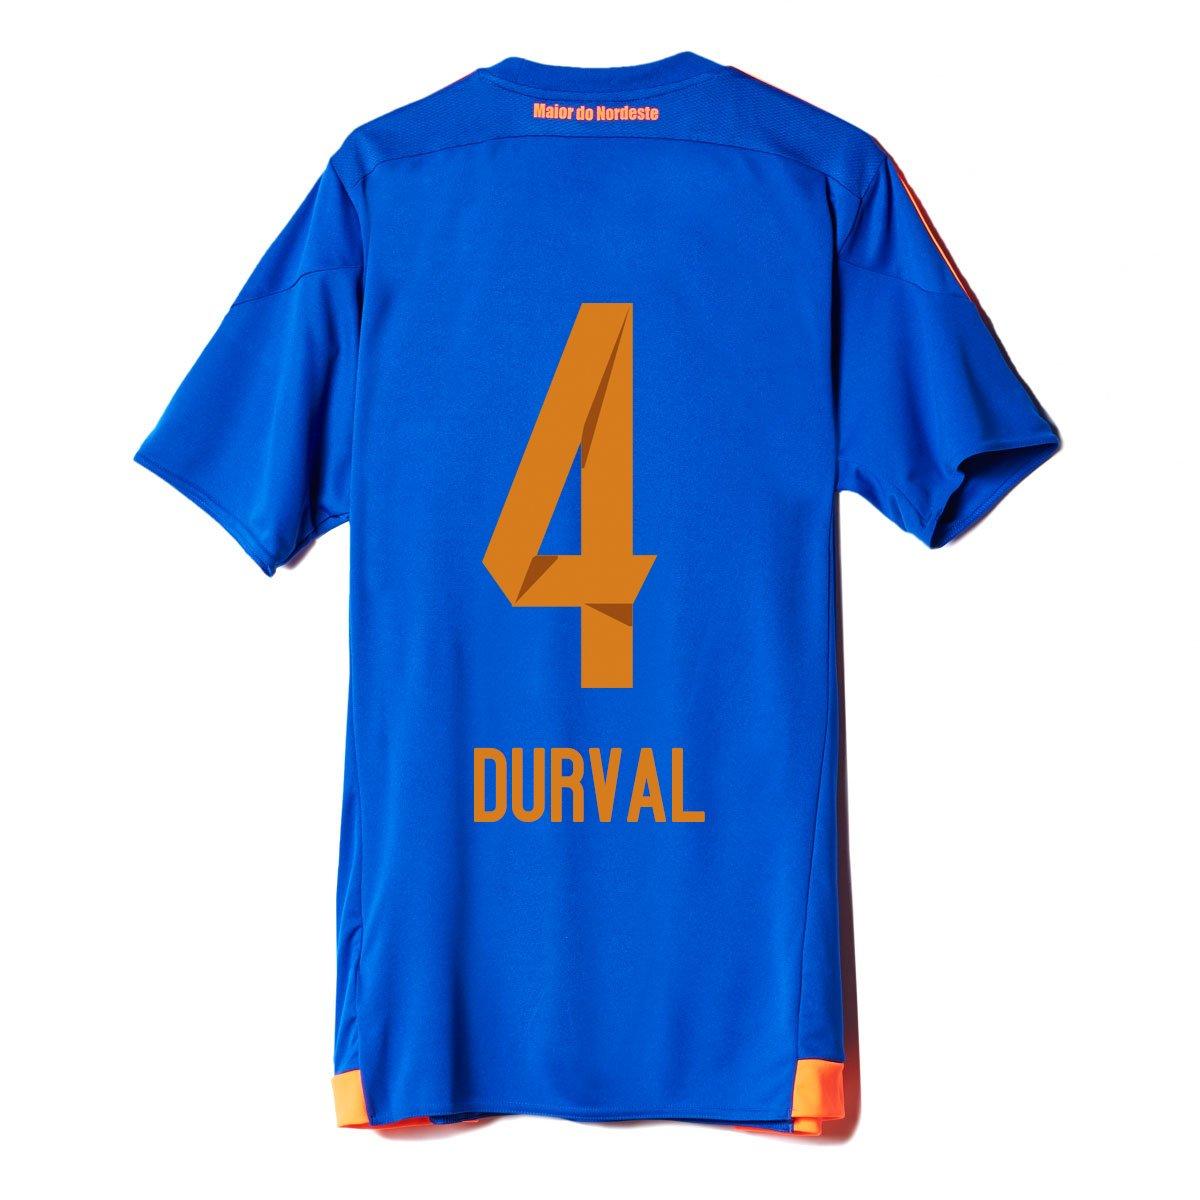 Camisa Adidas Sport Recife III 15 16 nº 4 - Durval - Compre Agora ... 3871e2af6207d